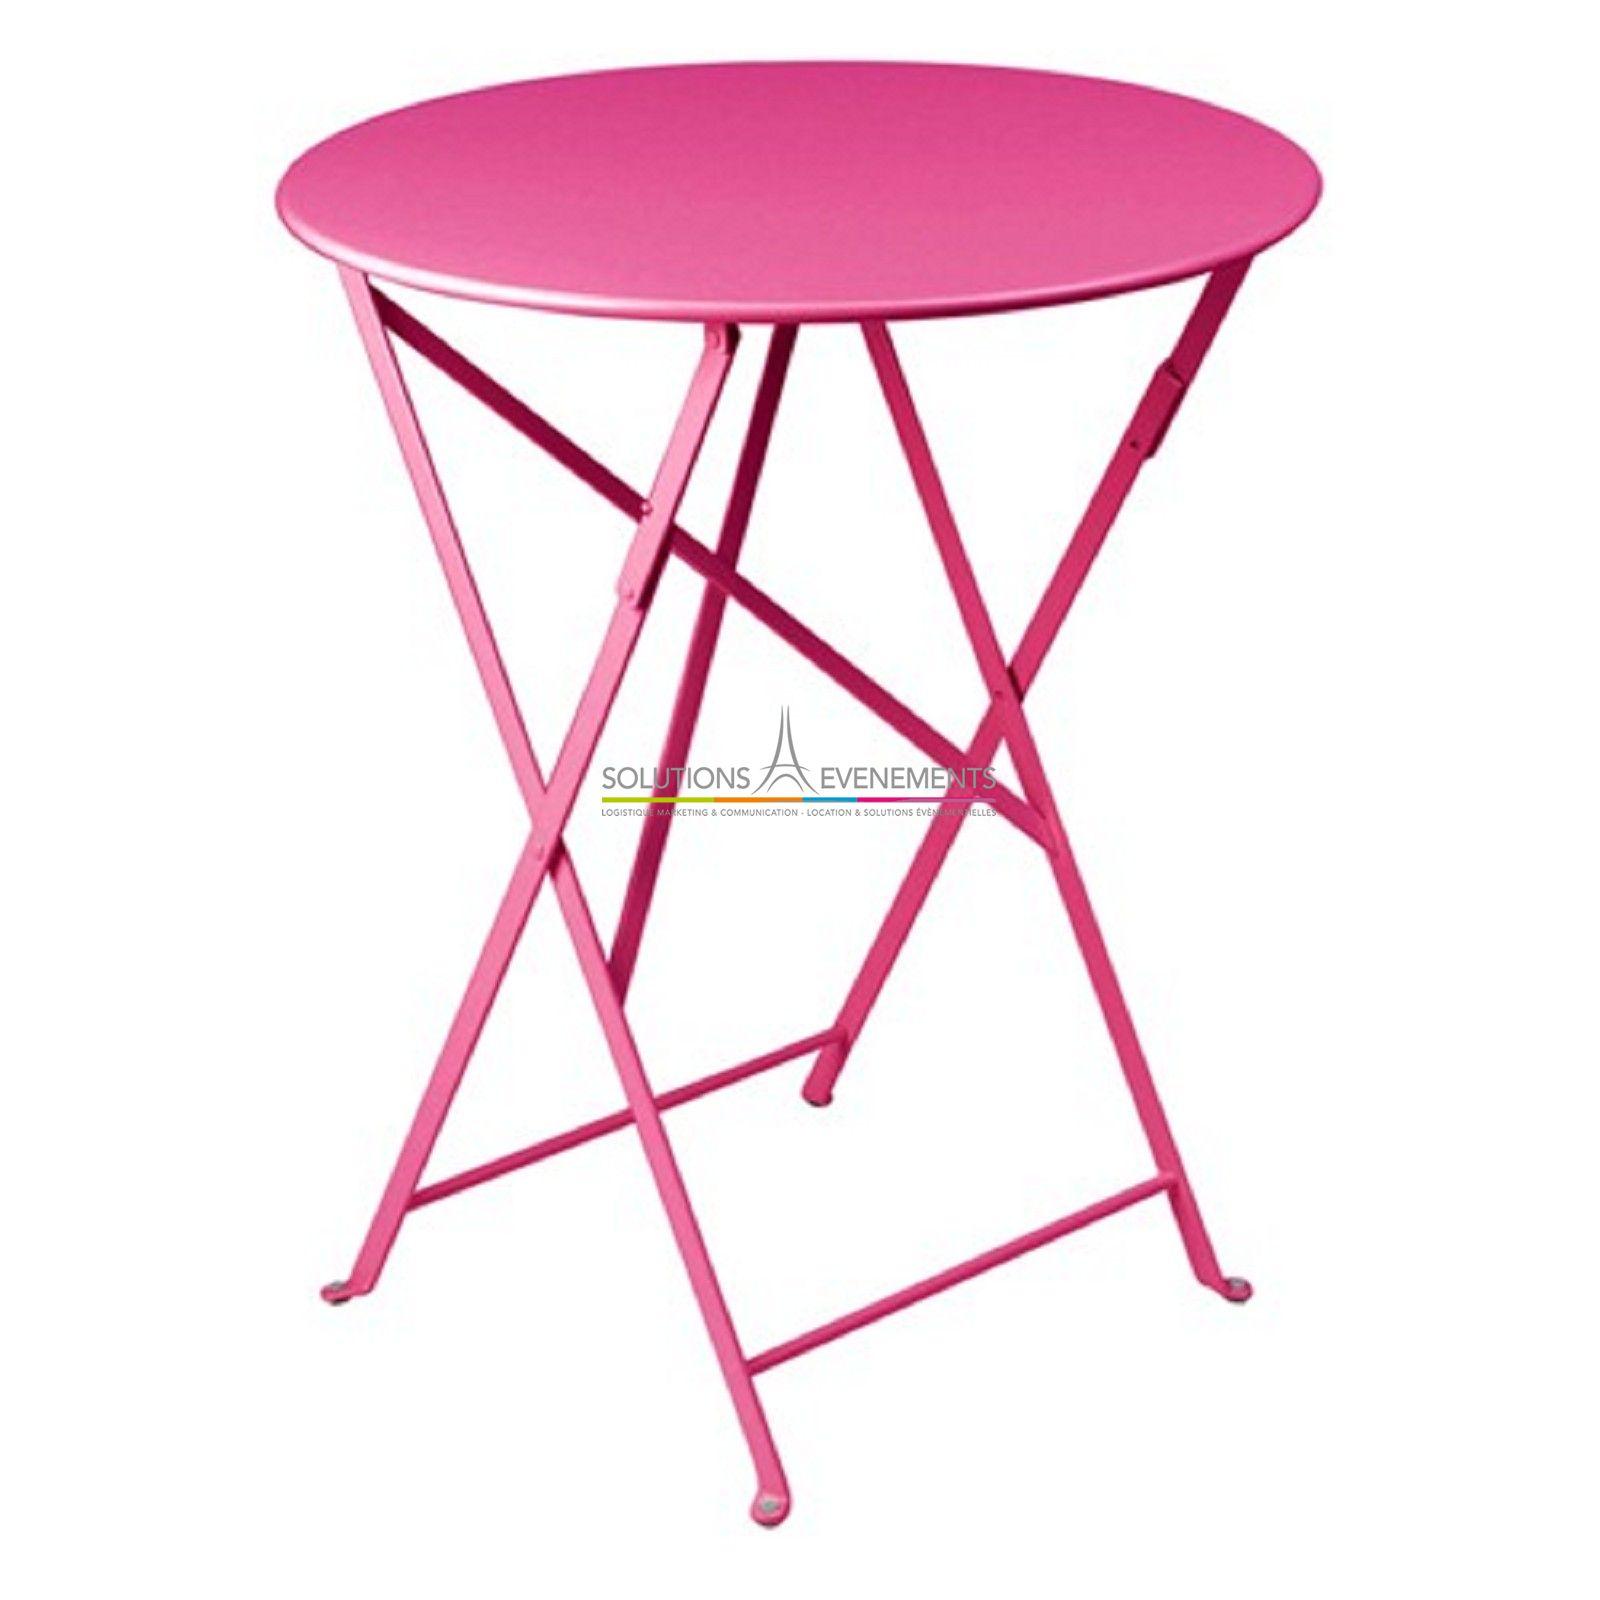 Idee Couleur Table De Jardin ~ Jsscene.com : Des idées ...